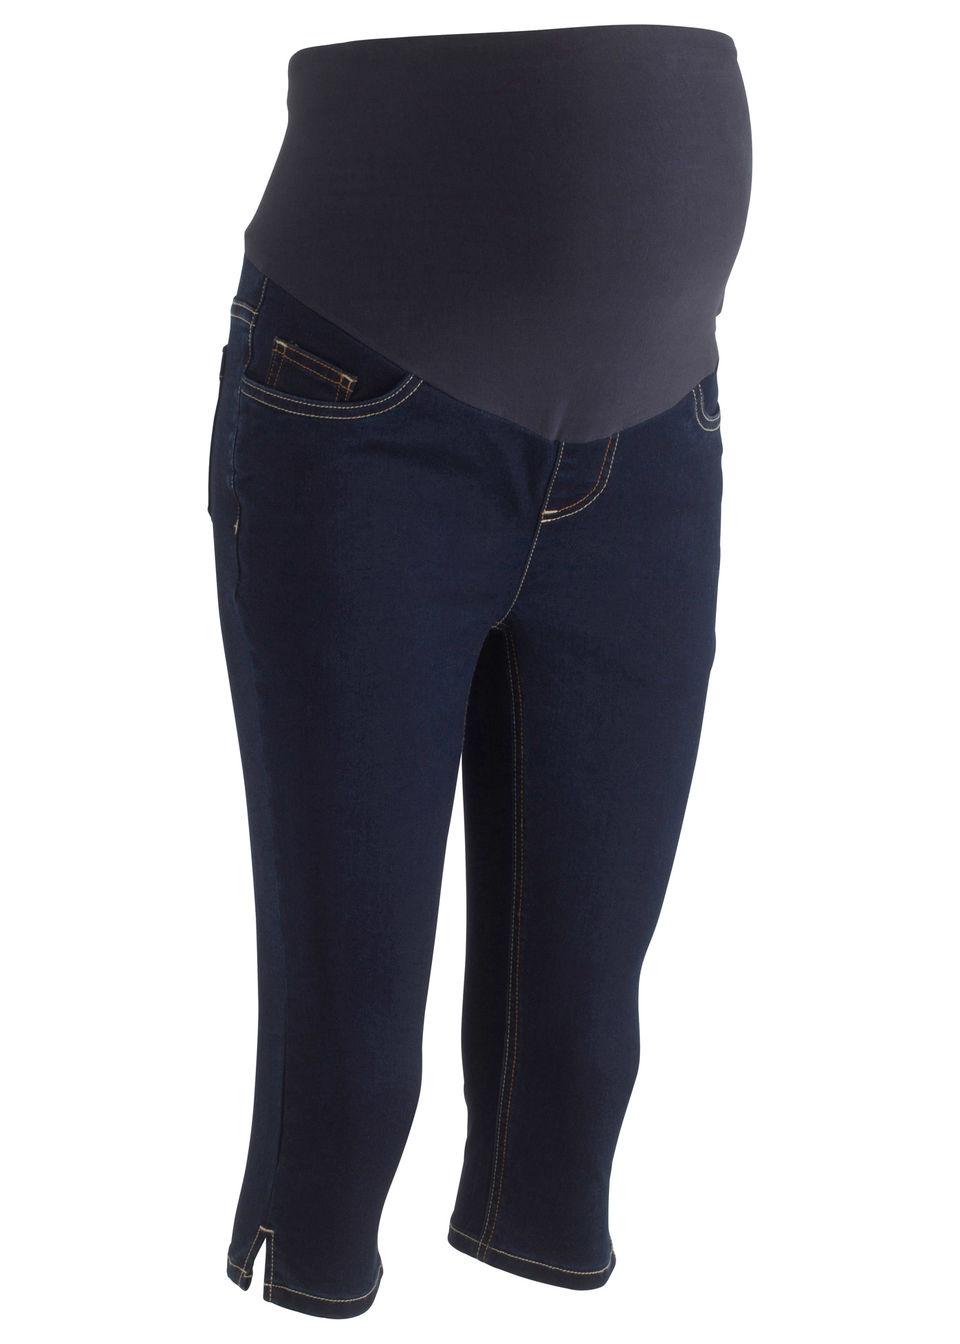 9f80209a6eef Tehotenské capri džínsy tmavá denim • 24.99 € • bonprix